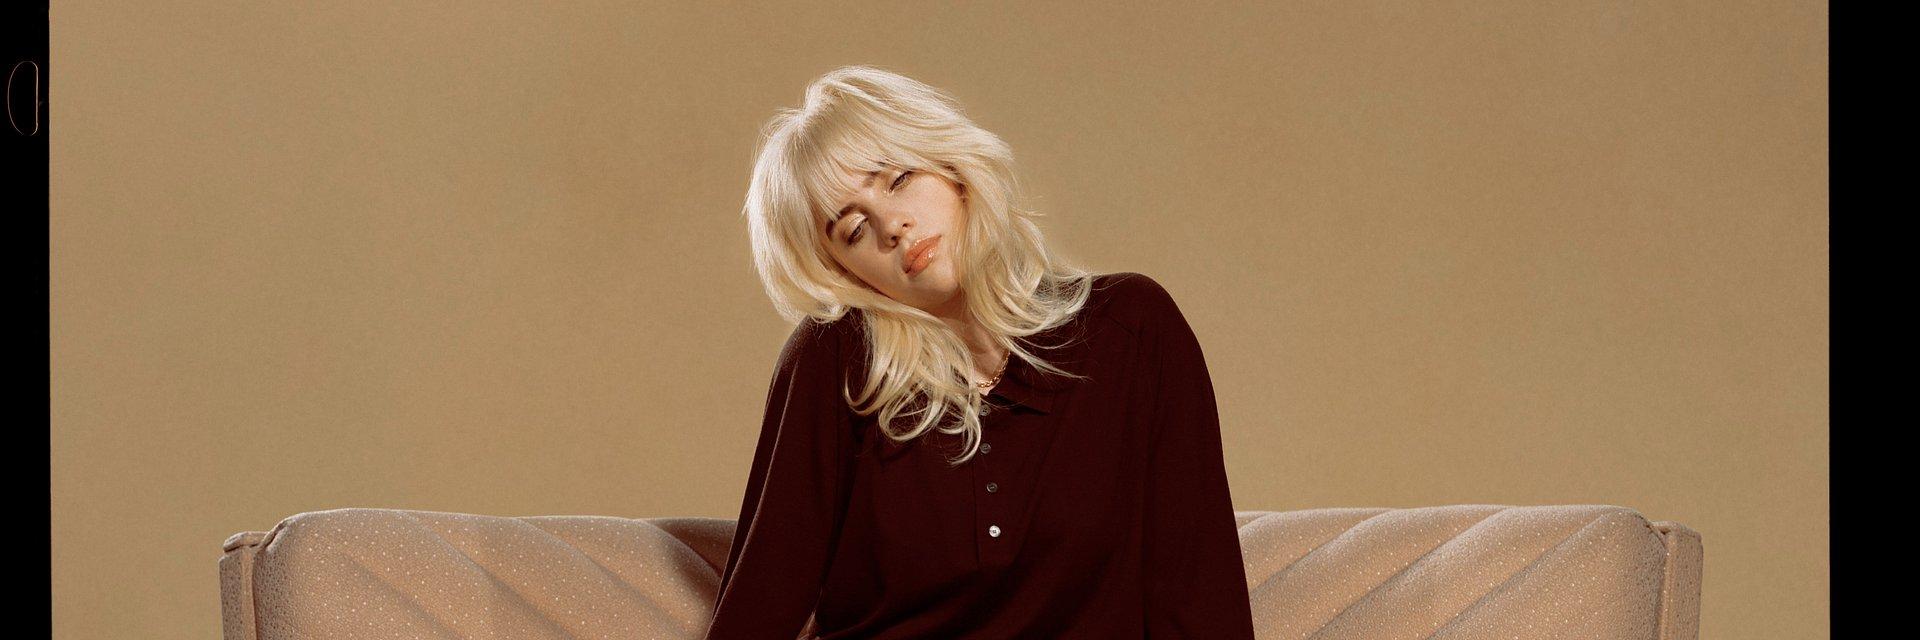 Billie Eilish z #1 w Polsce, USA i rekordami sprzedaży